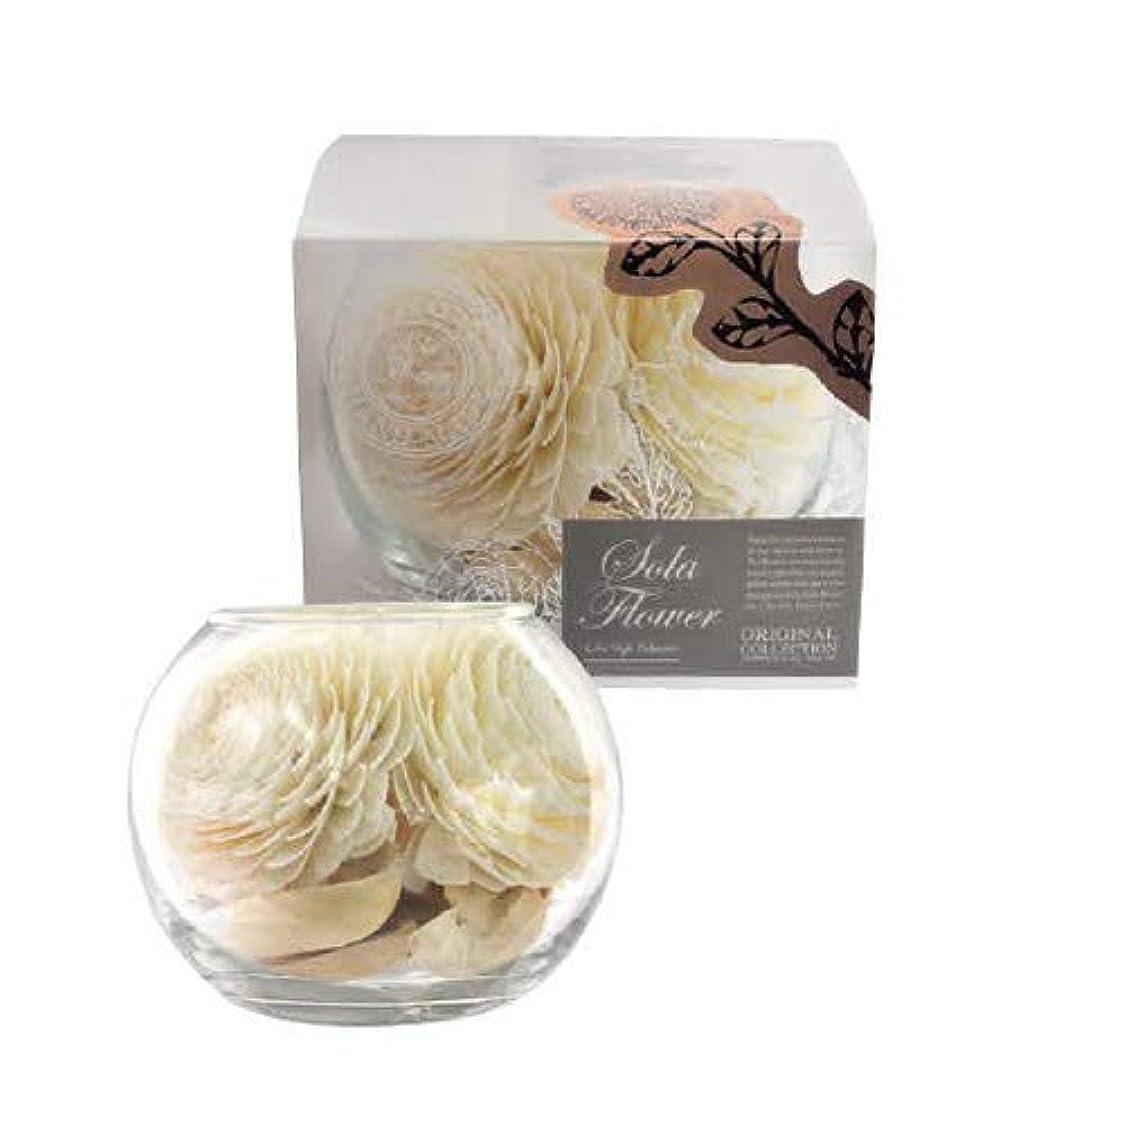 人物反映する適切な三和トレーディング new Sola Flower ソラフラワー Glass Bowl グラスボウル Dearest Dahlia ディアレスト ダリア